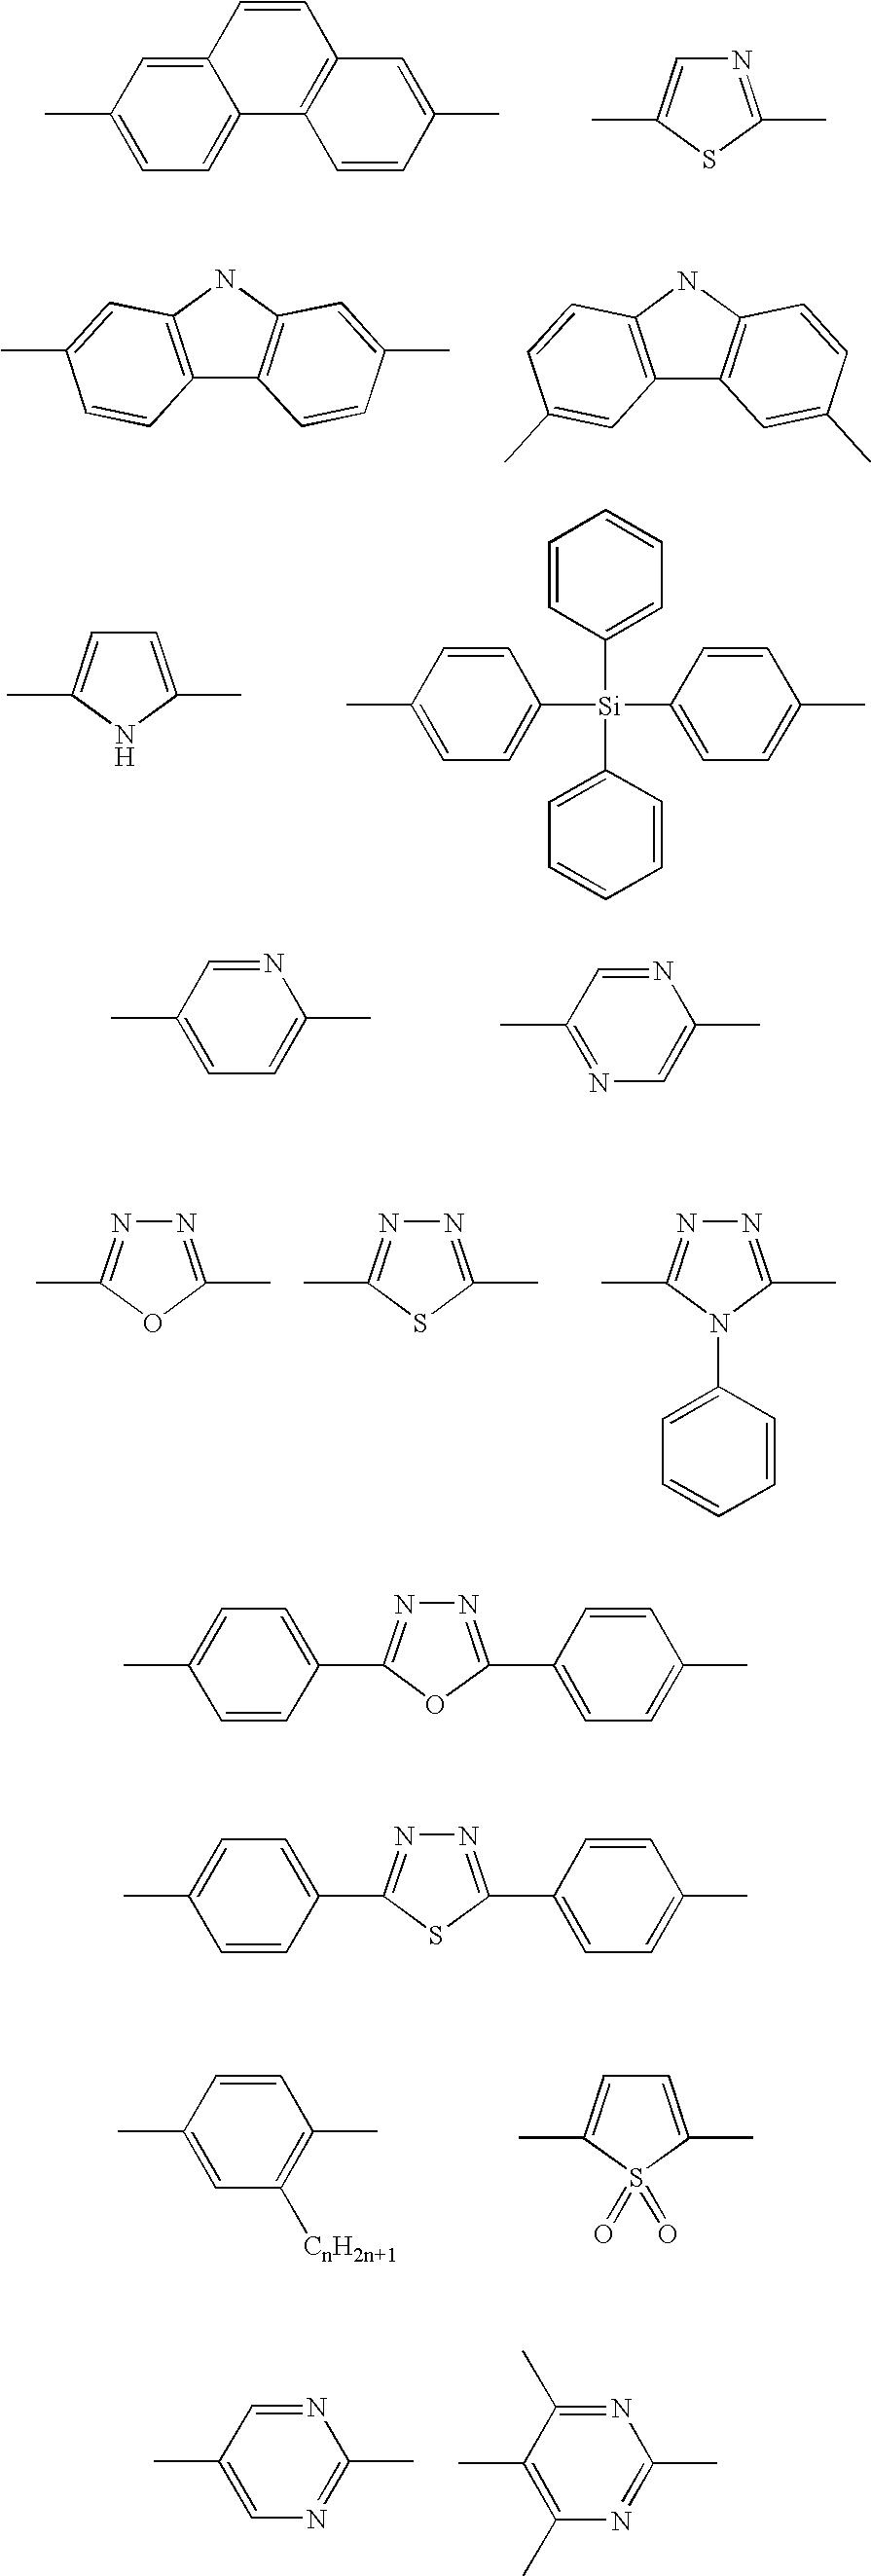 Figure US20040260047A1-20041223-C00004